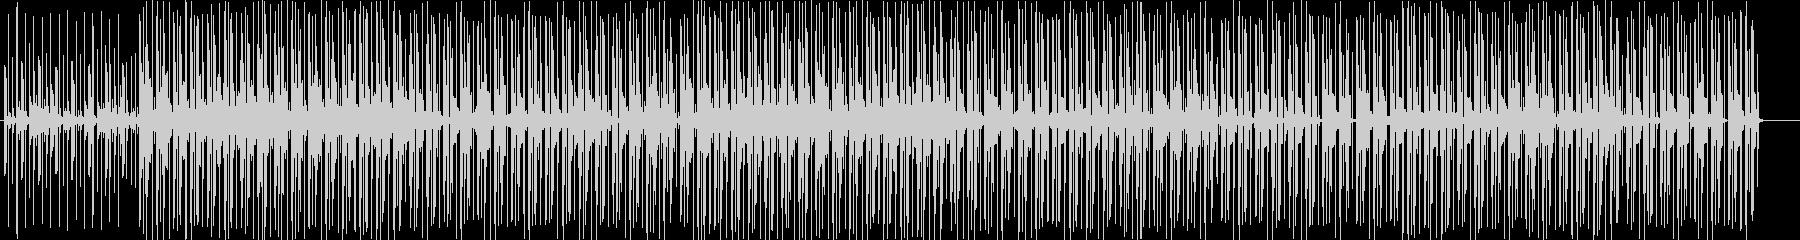 不思議で神秘的なBGMの未再生の波形